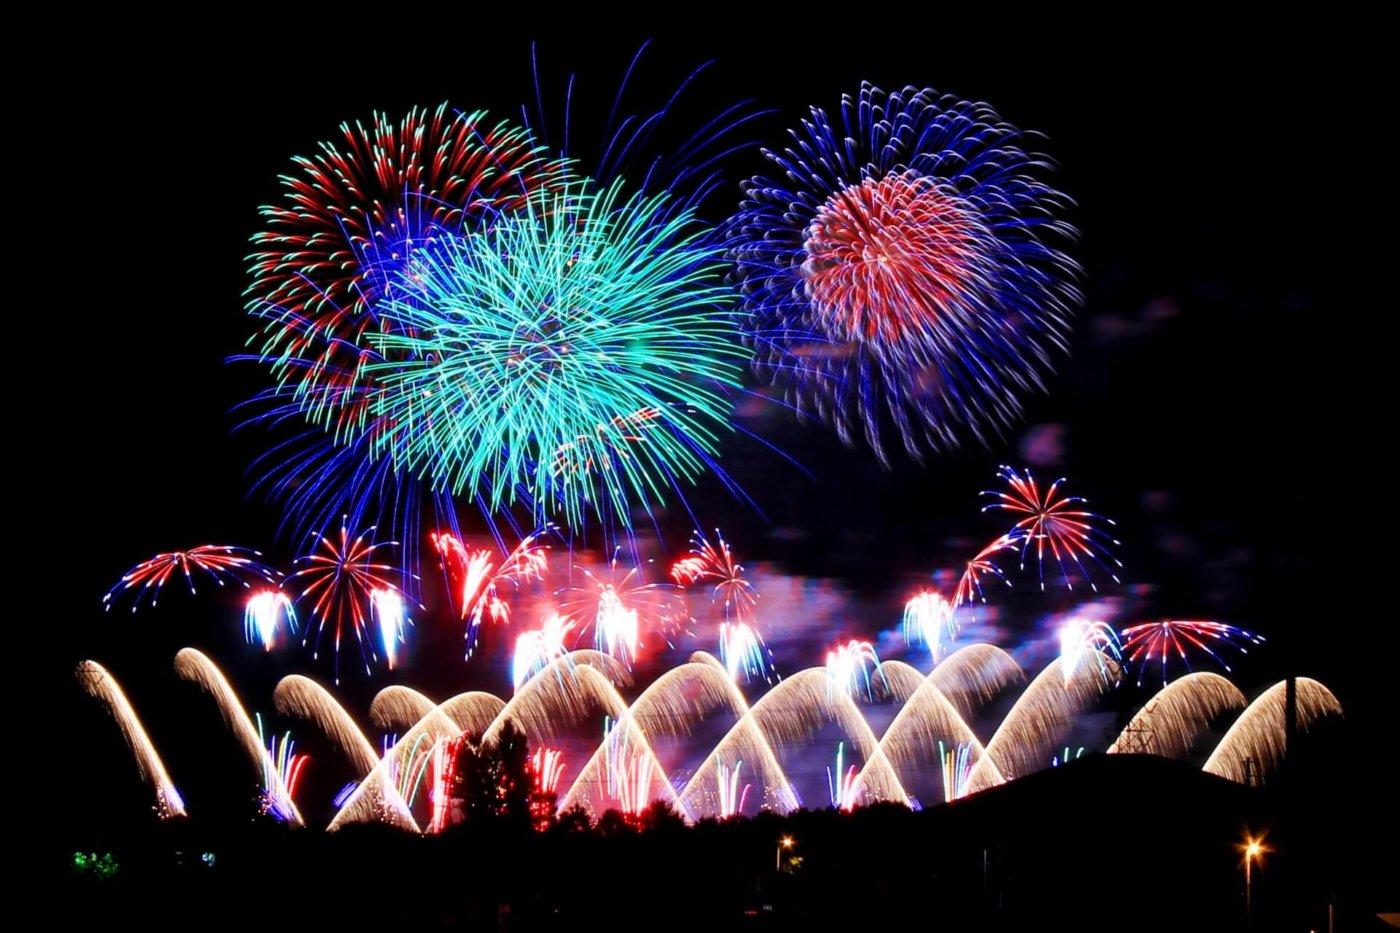 札幌で花火大会を楽しむならこの花火大会!札幌花火大会特集!